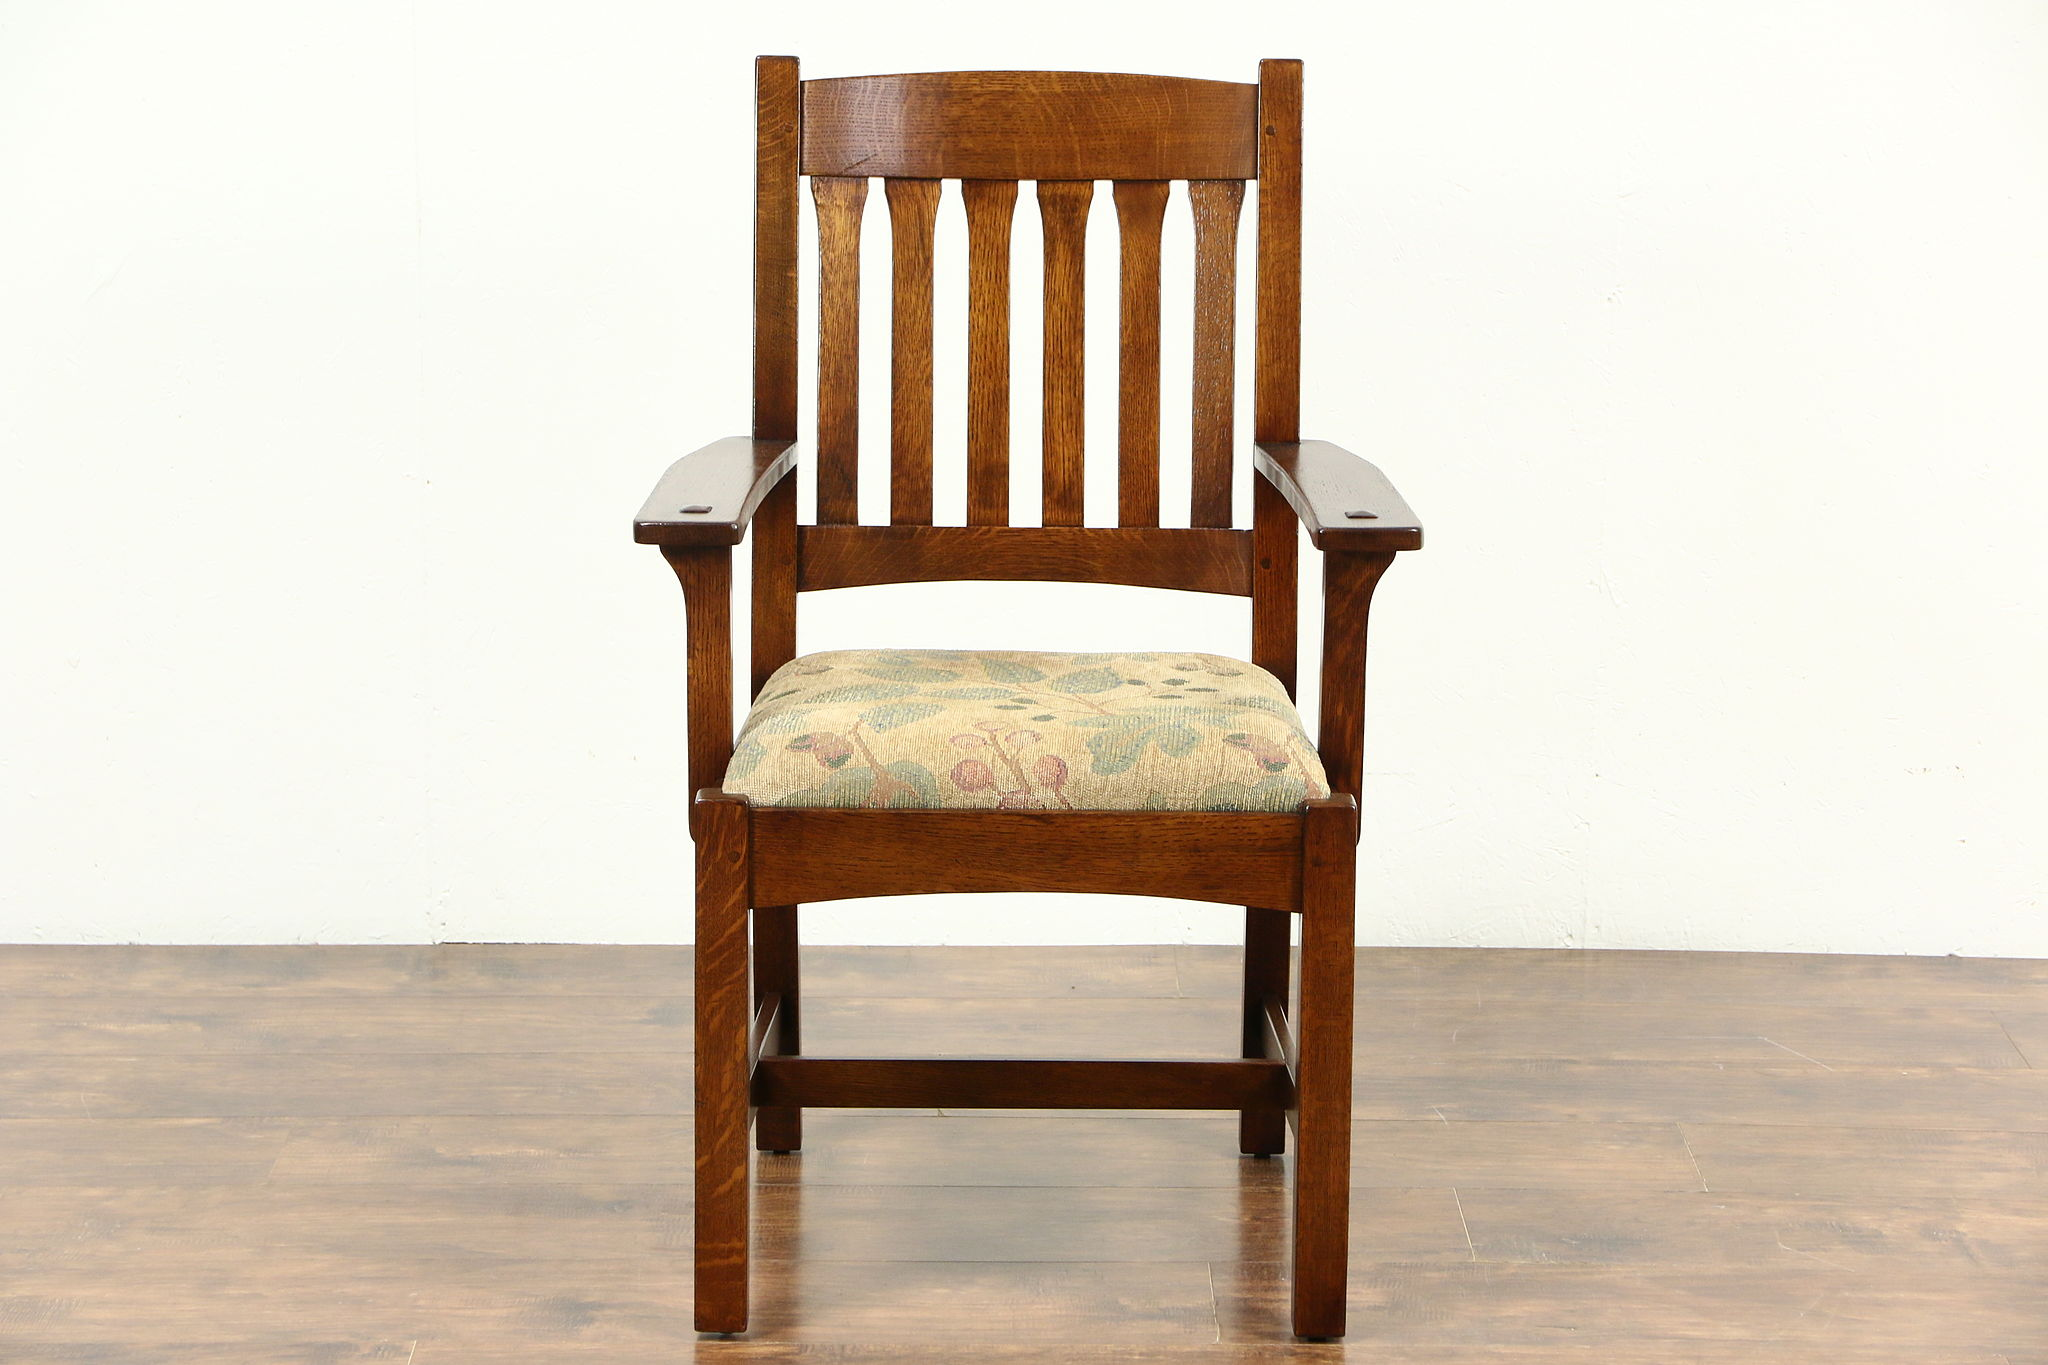 SOLD Craftsman Mission Oak Arts & Crafts Vintage Chair Signed